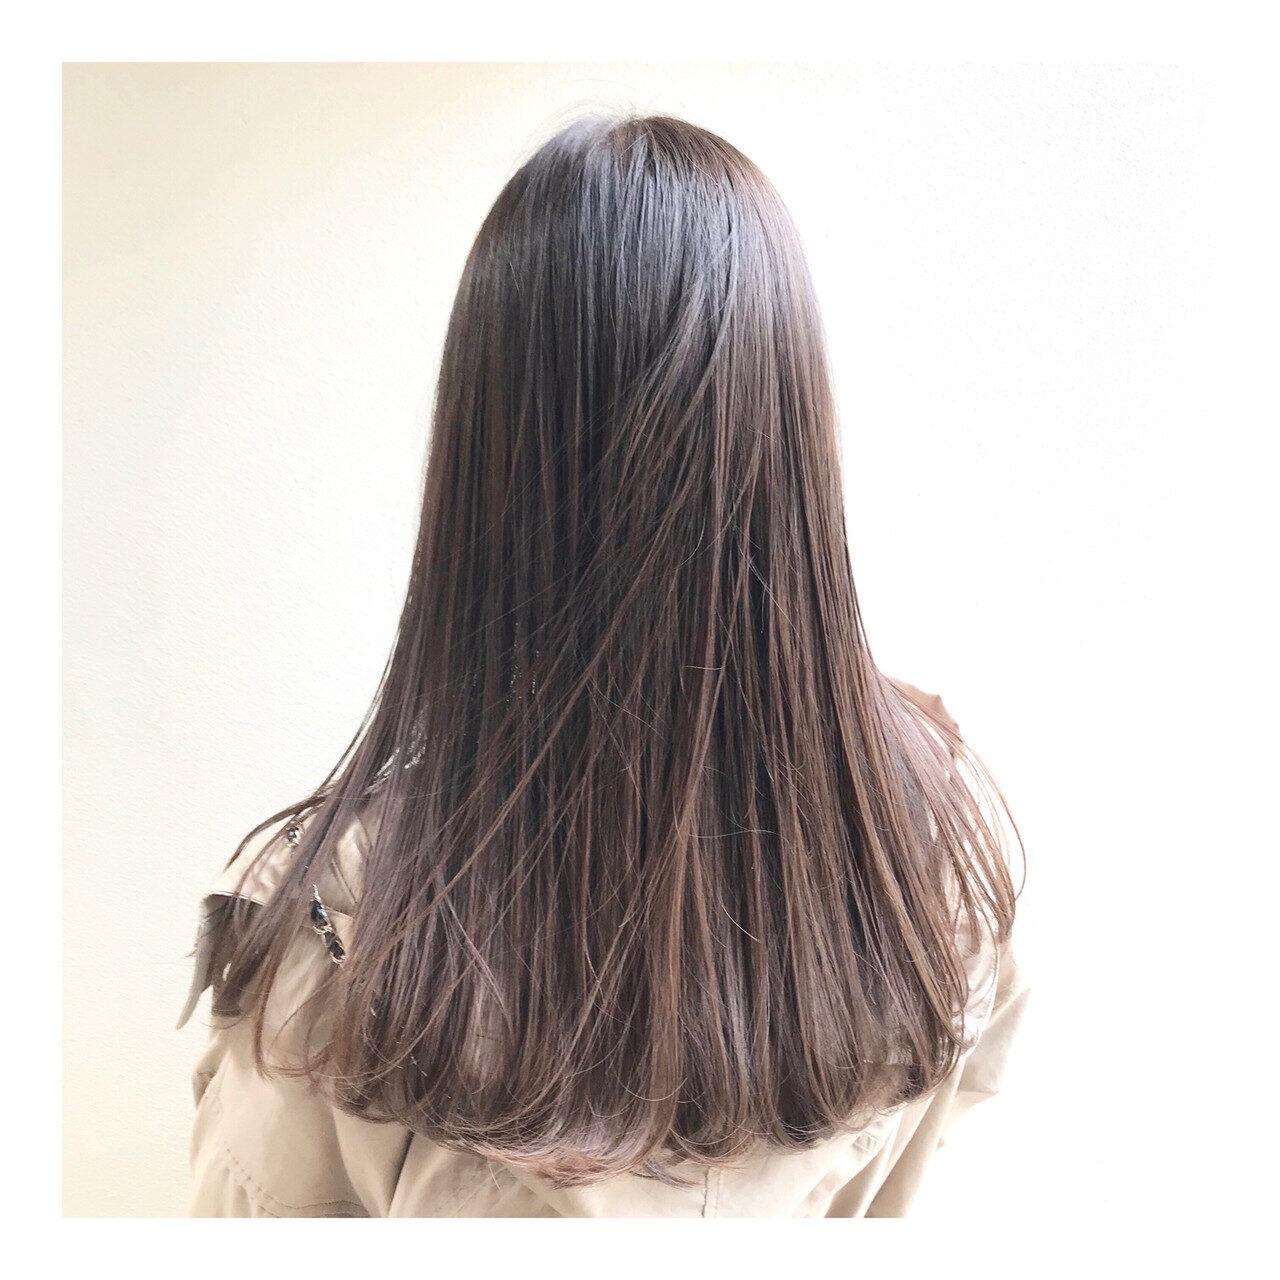 お肌だけでなく髪の毛にも要注意!紫外線に負けない髪の毛のUVカット&ケア方法